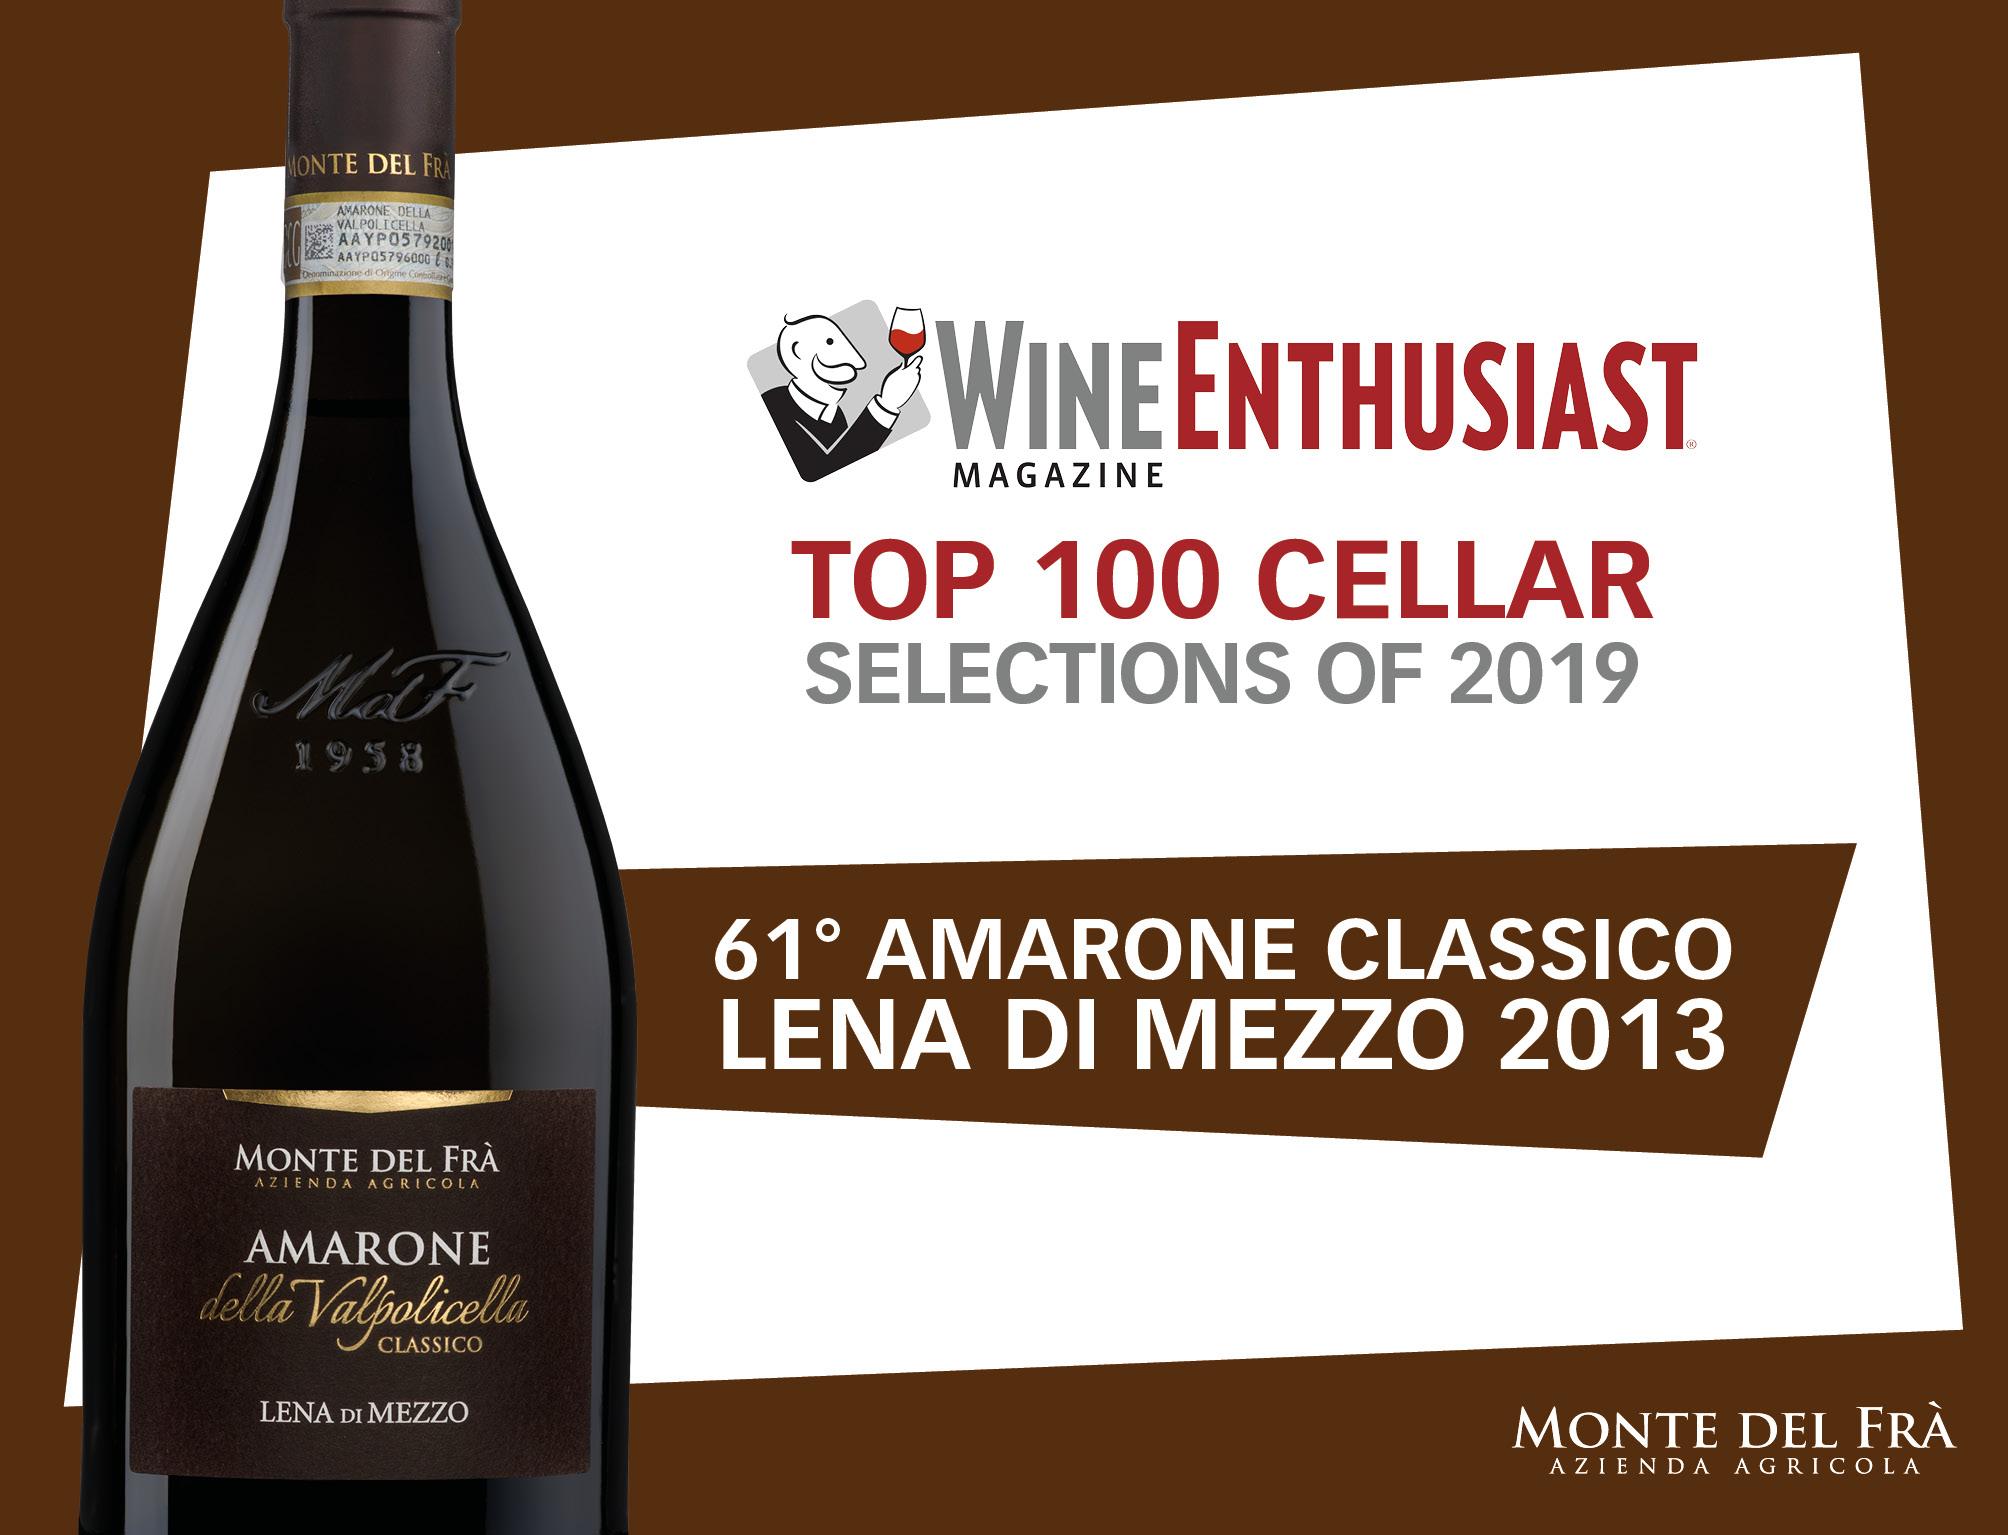 AMARONE DELLA VALPOLICELLA CLASSICO TOP 100 WORLD WINES OF 2019